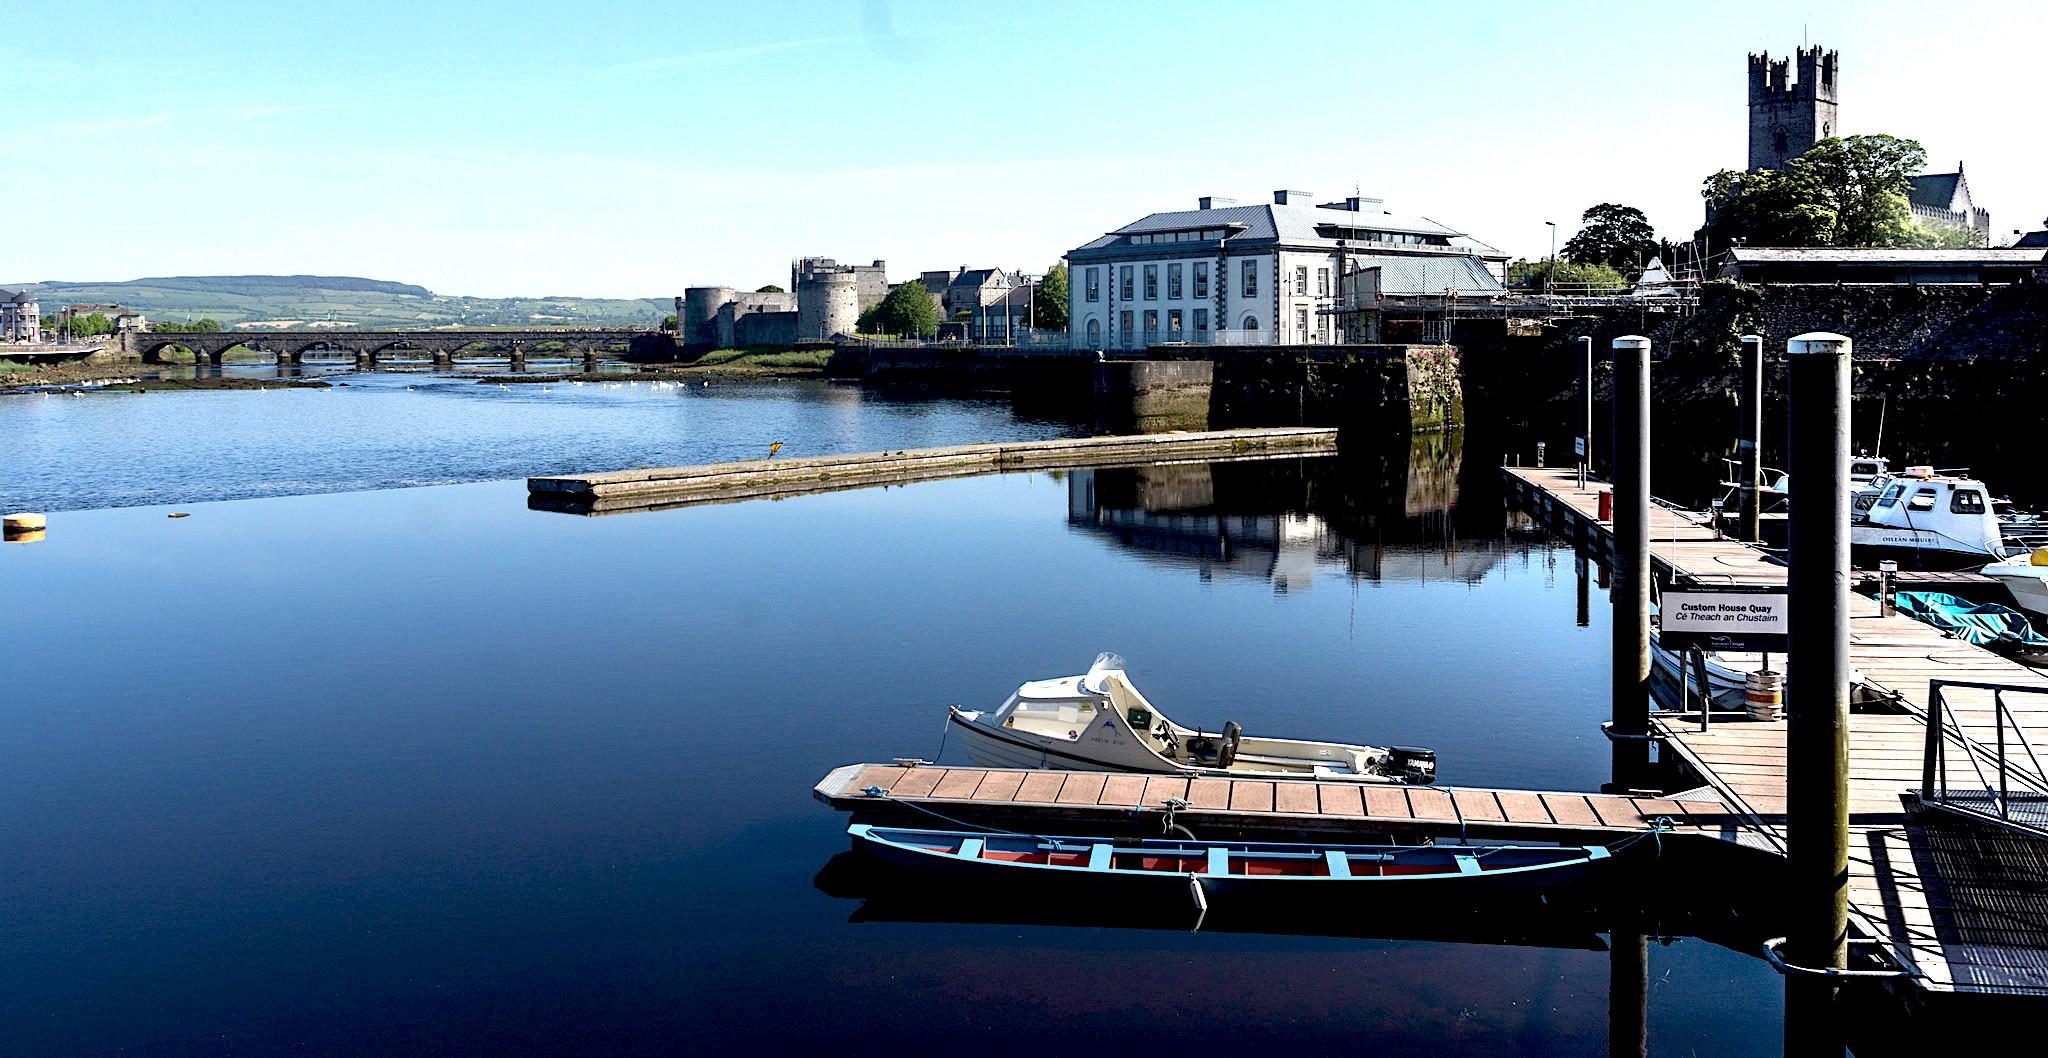 Single men seeking single women in Limerick - Spark Dating